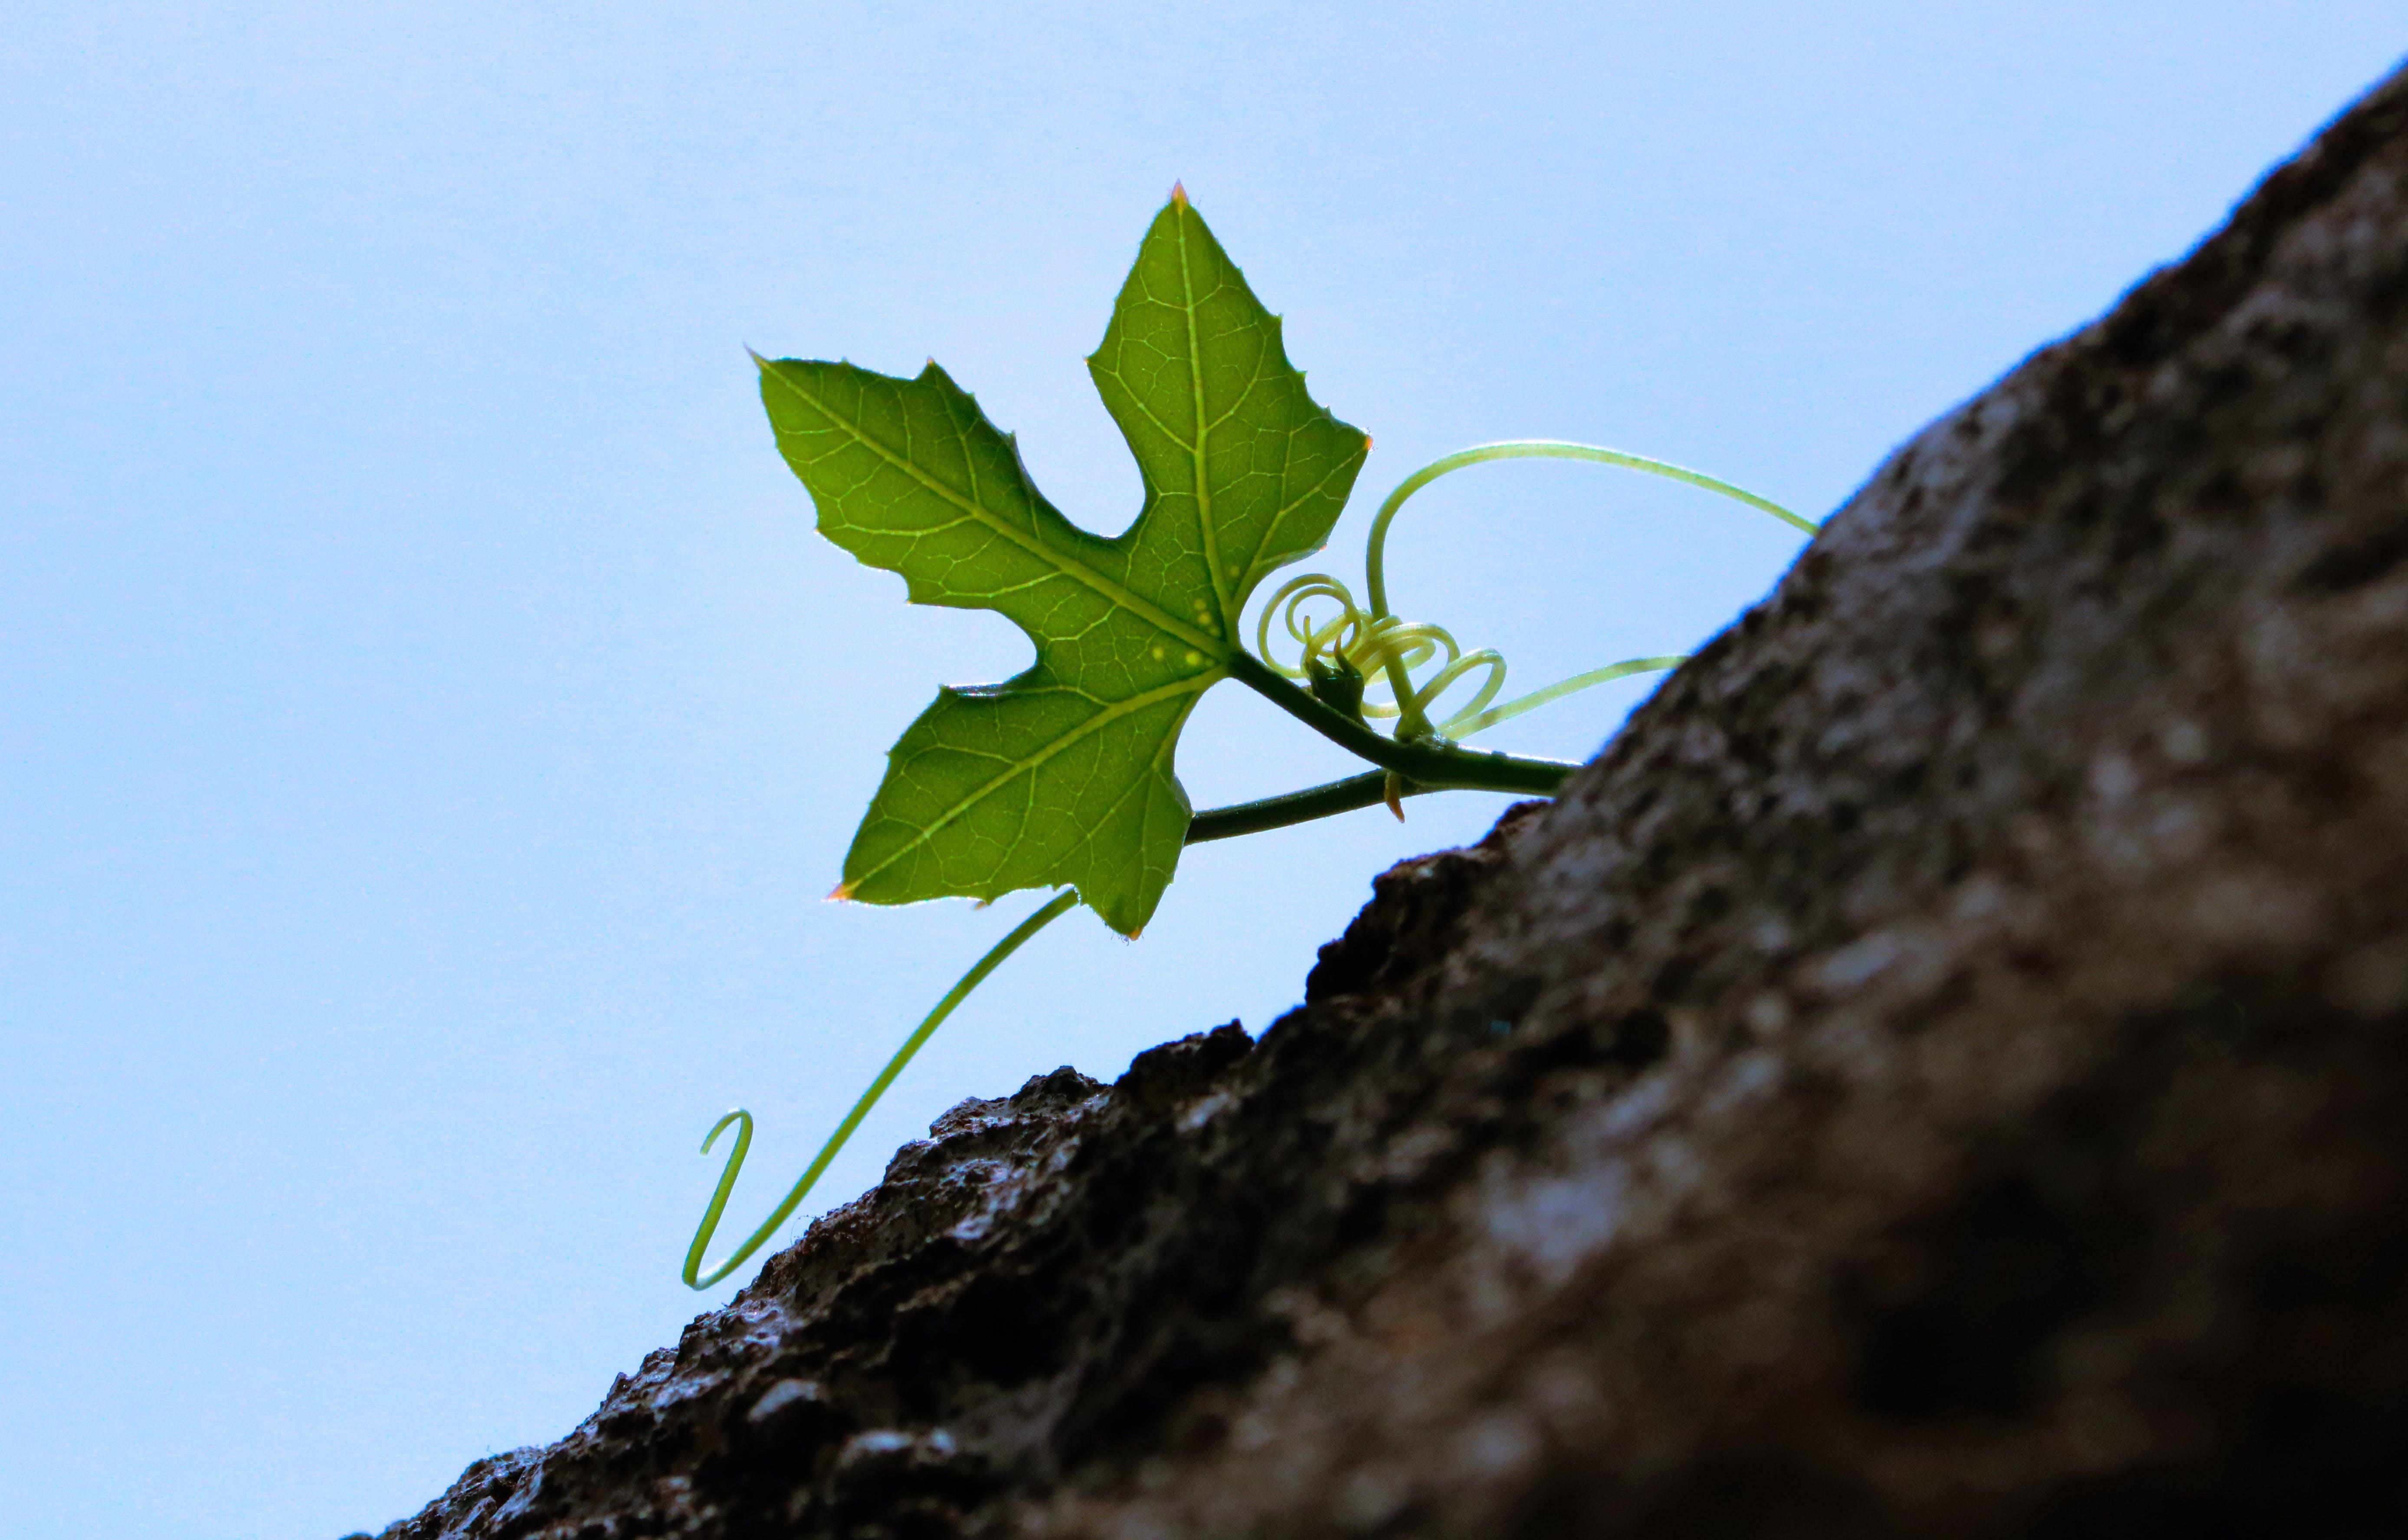 Green Leaf Plant Under Blue Sky at Daytime